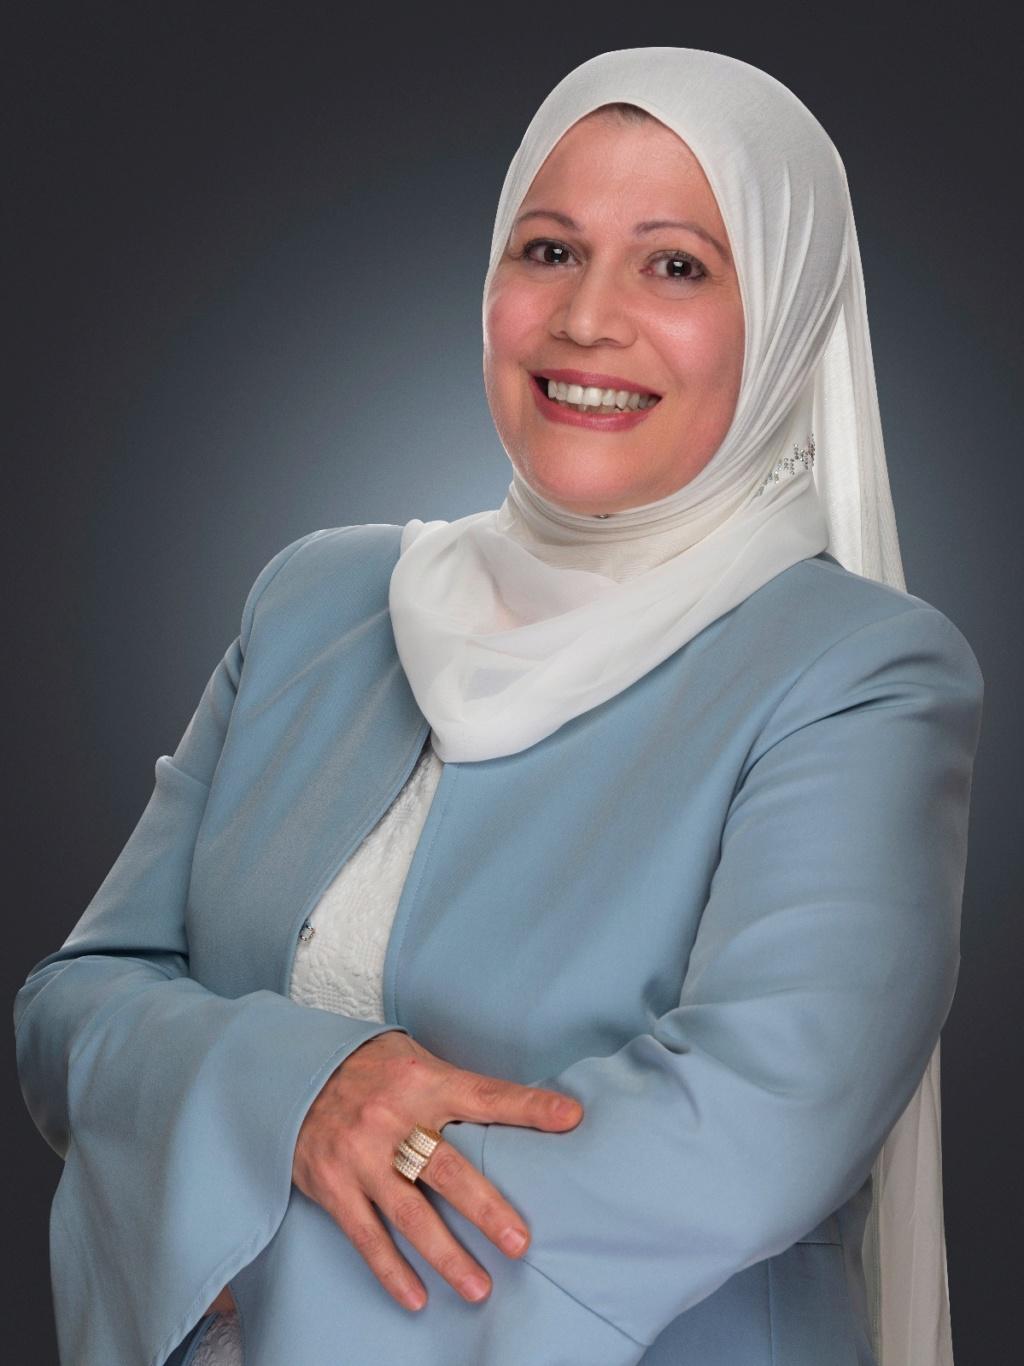 السيرة الذاتية للكاتبة ميساء البشيتي - صفحة 2 Eb928b12